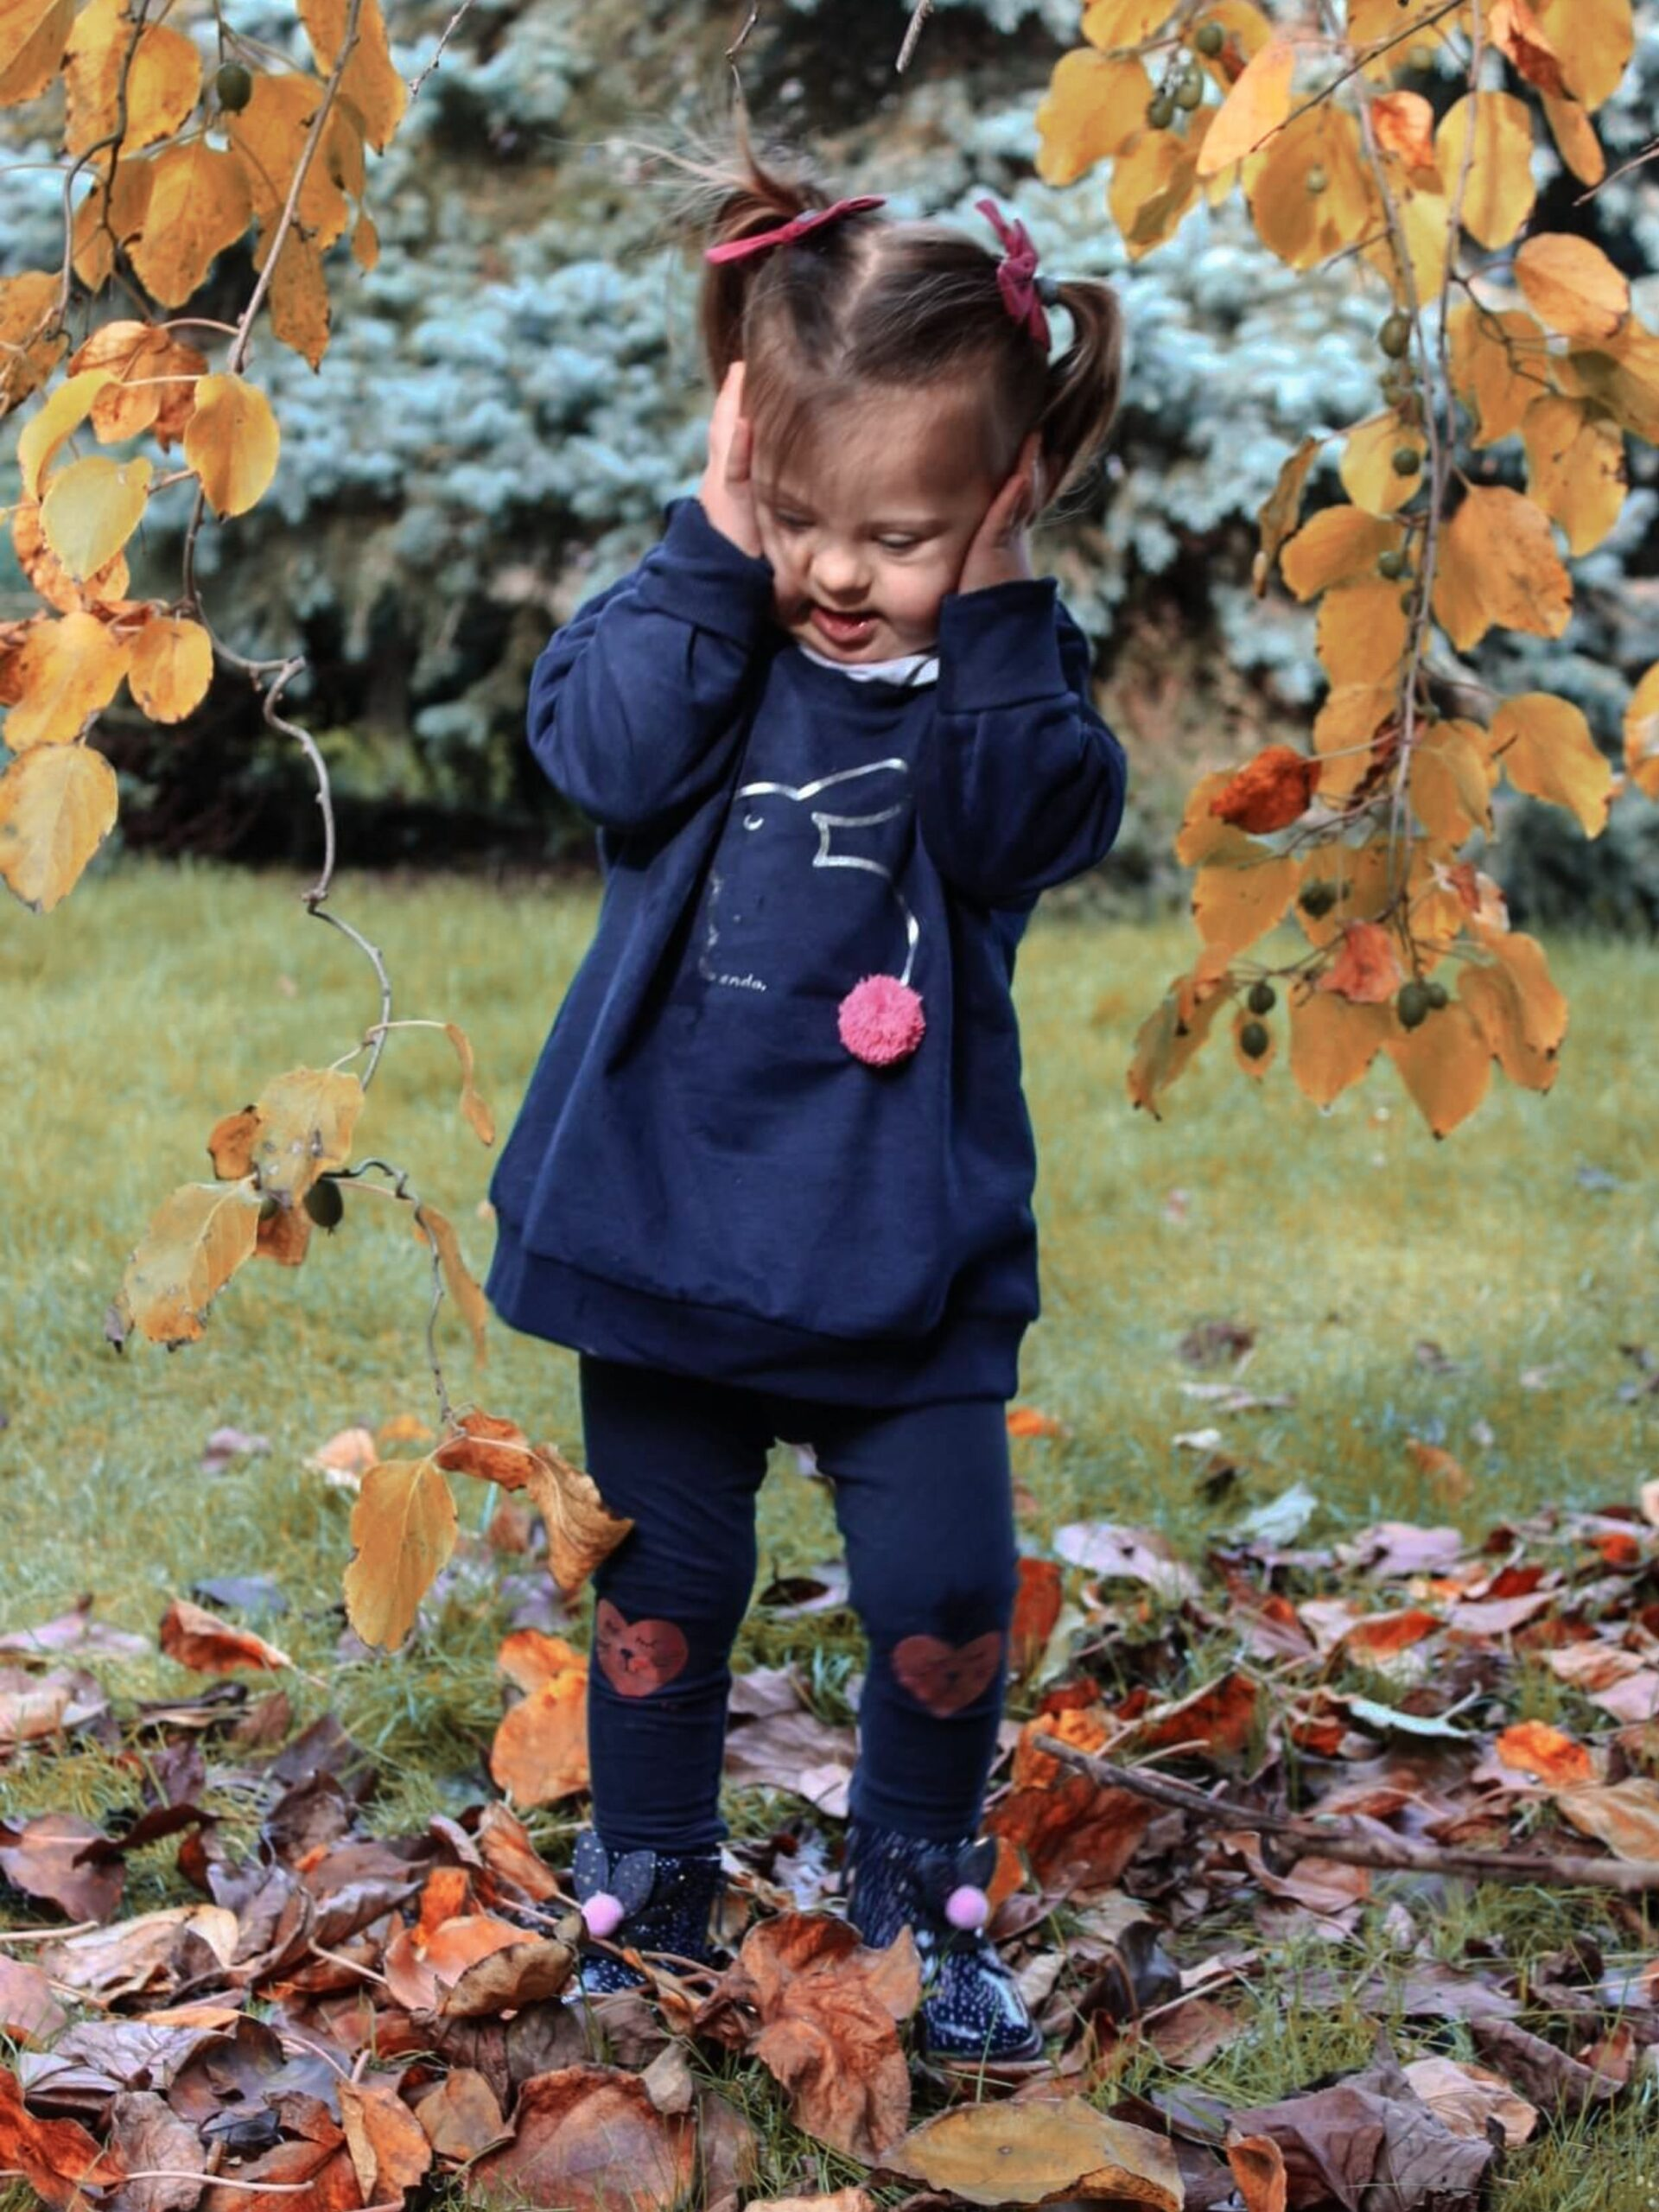 Mała dziewczynka trzymająca się za głowę, stojąca wśród liści w parku.